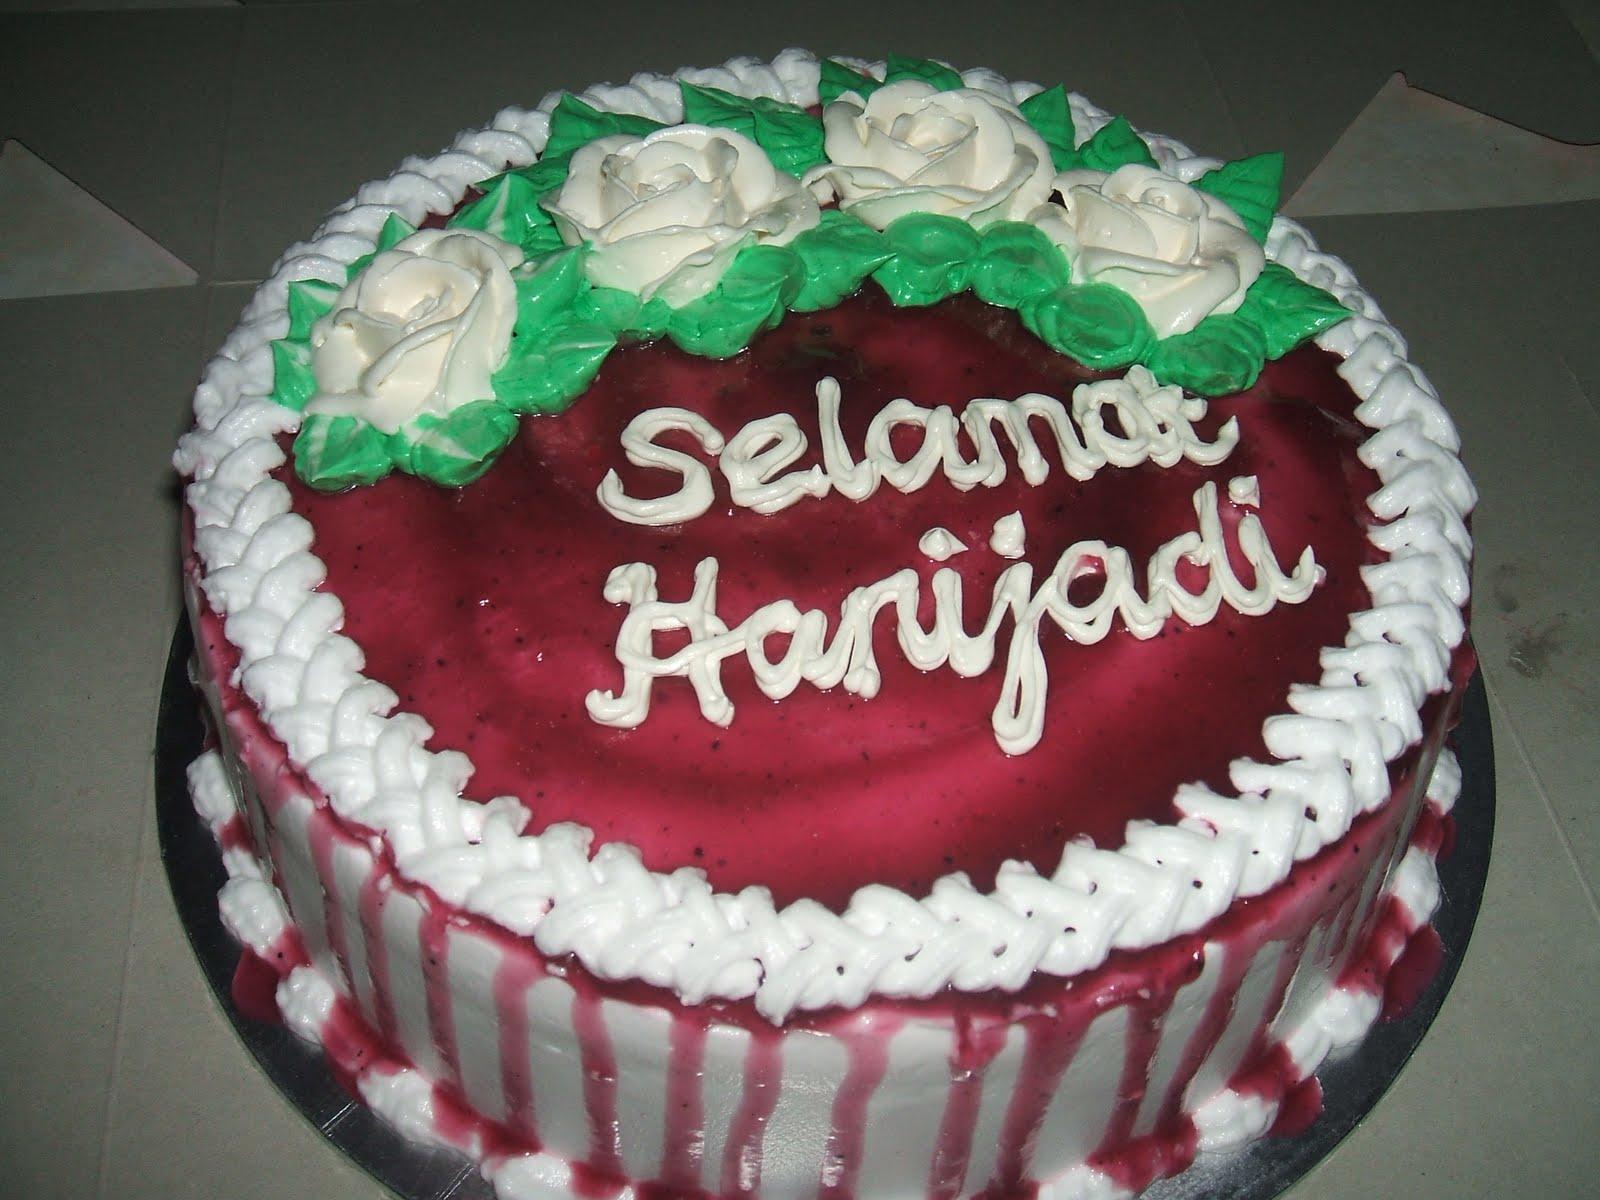 Cake Images With Name Hari : Kek Hari Jadi Cake Ideas and Designs